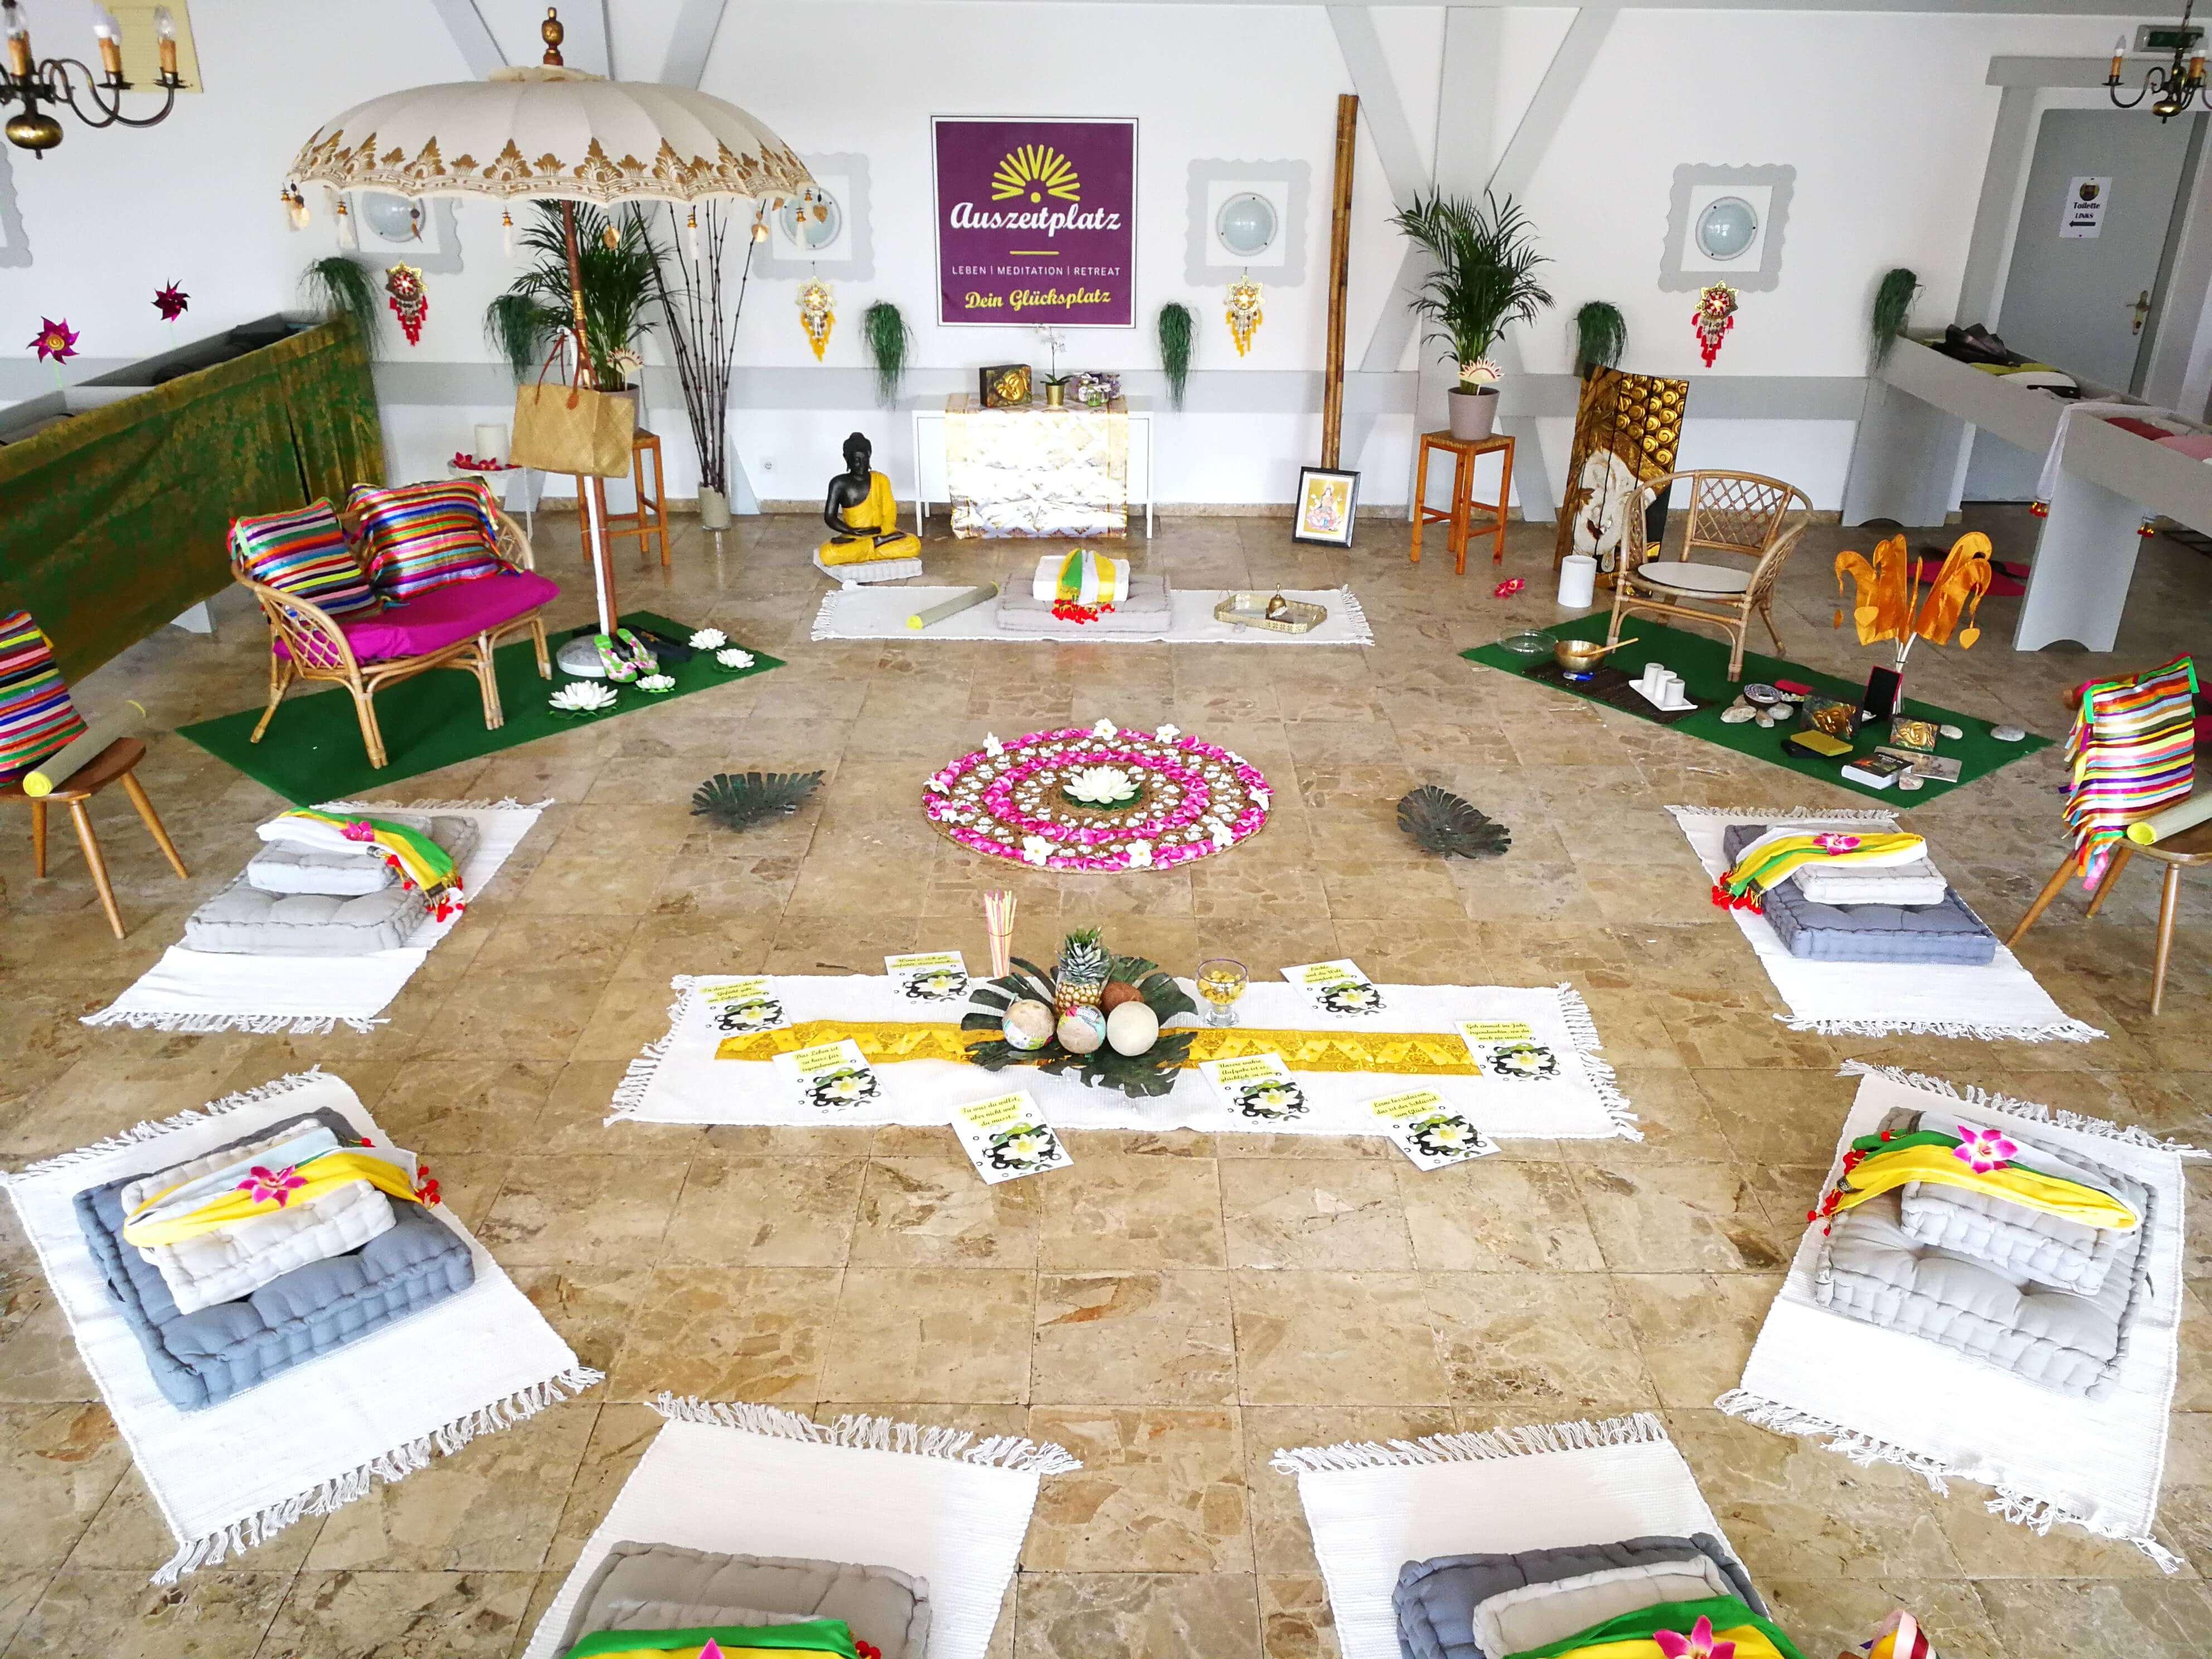 Bali-Retreat-indoor